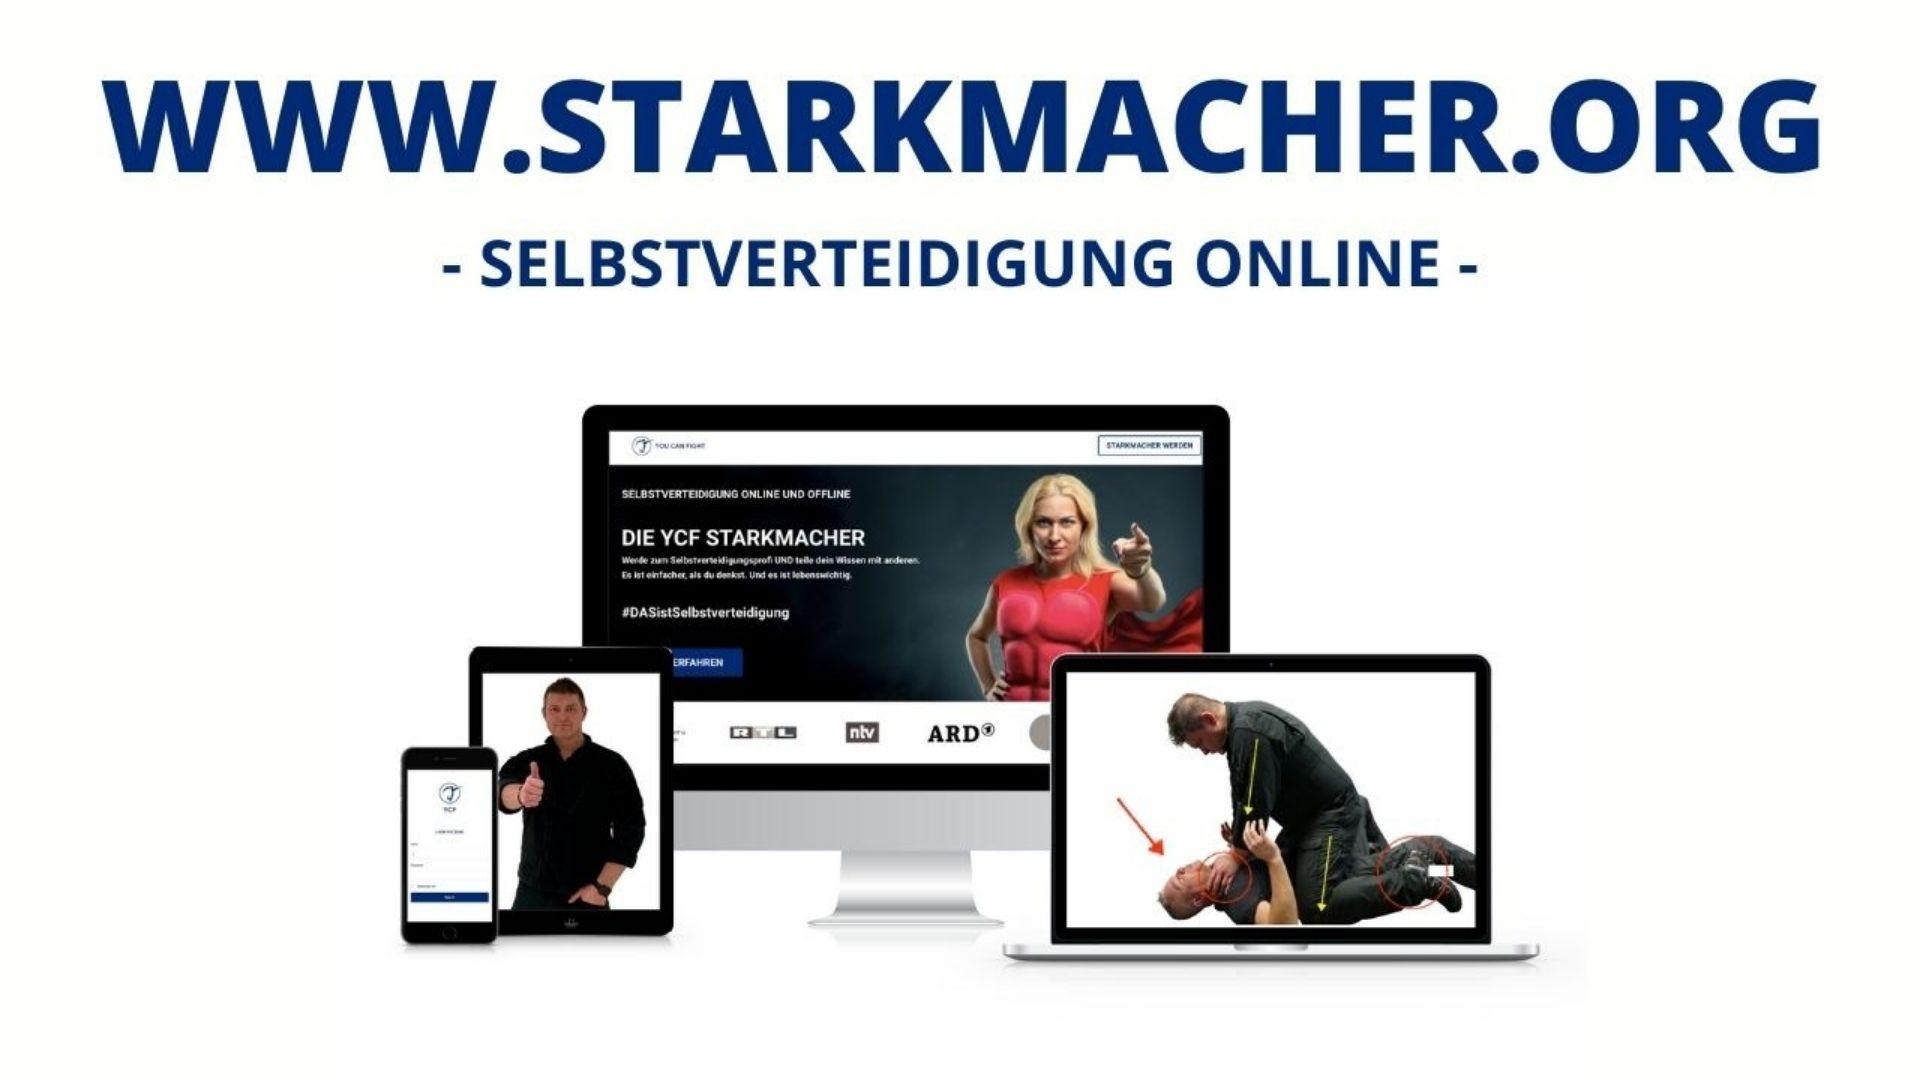 YCF Selbstverteidigung Online